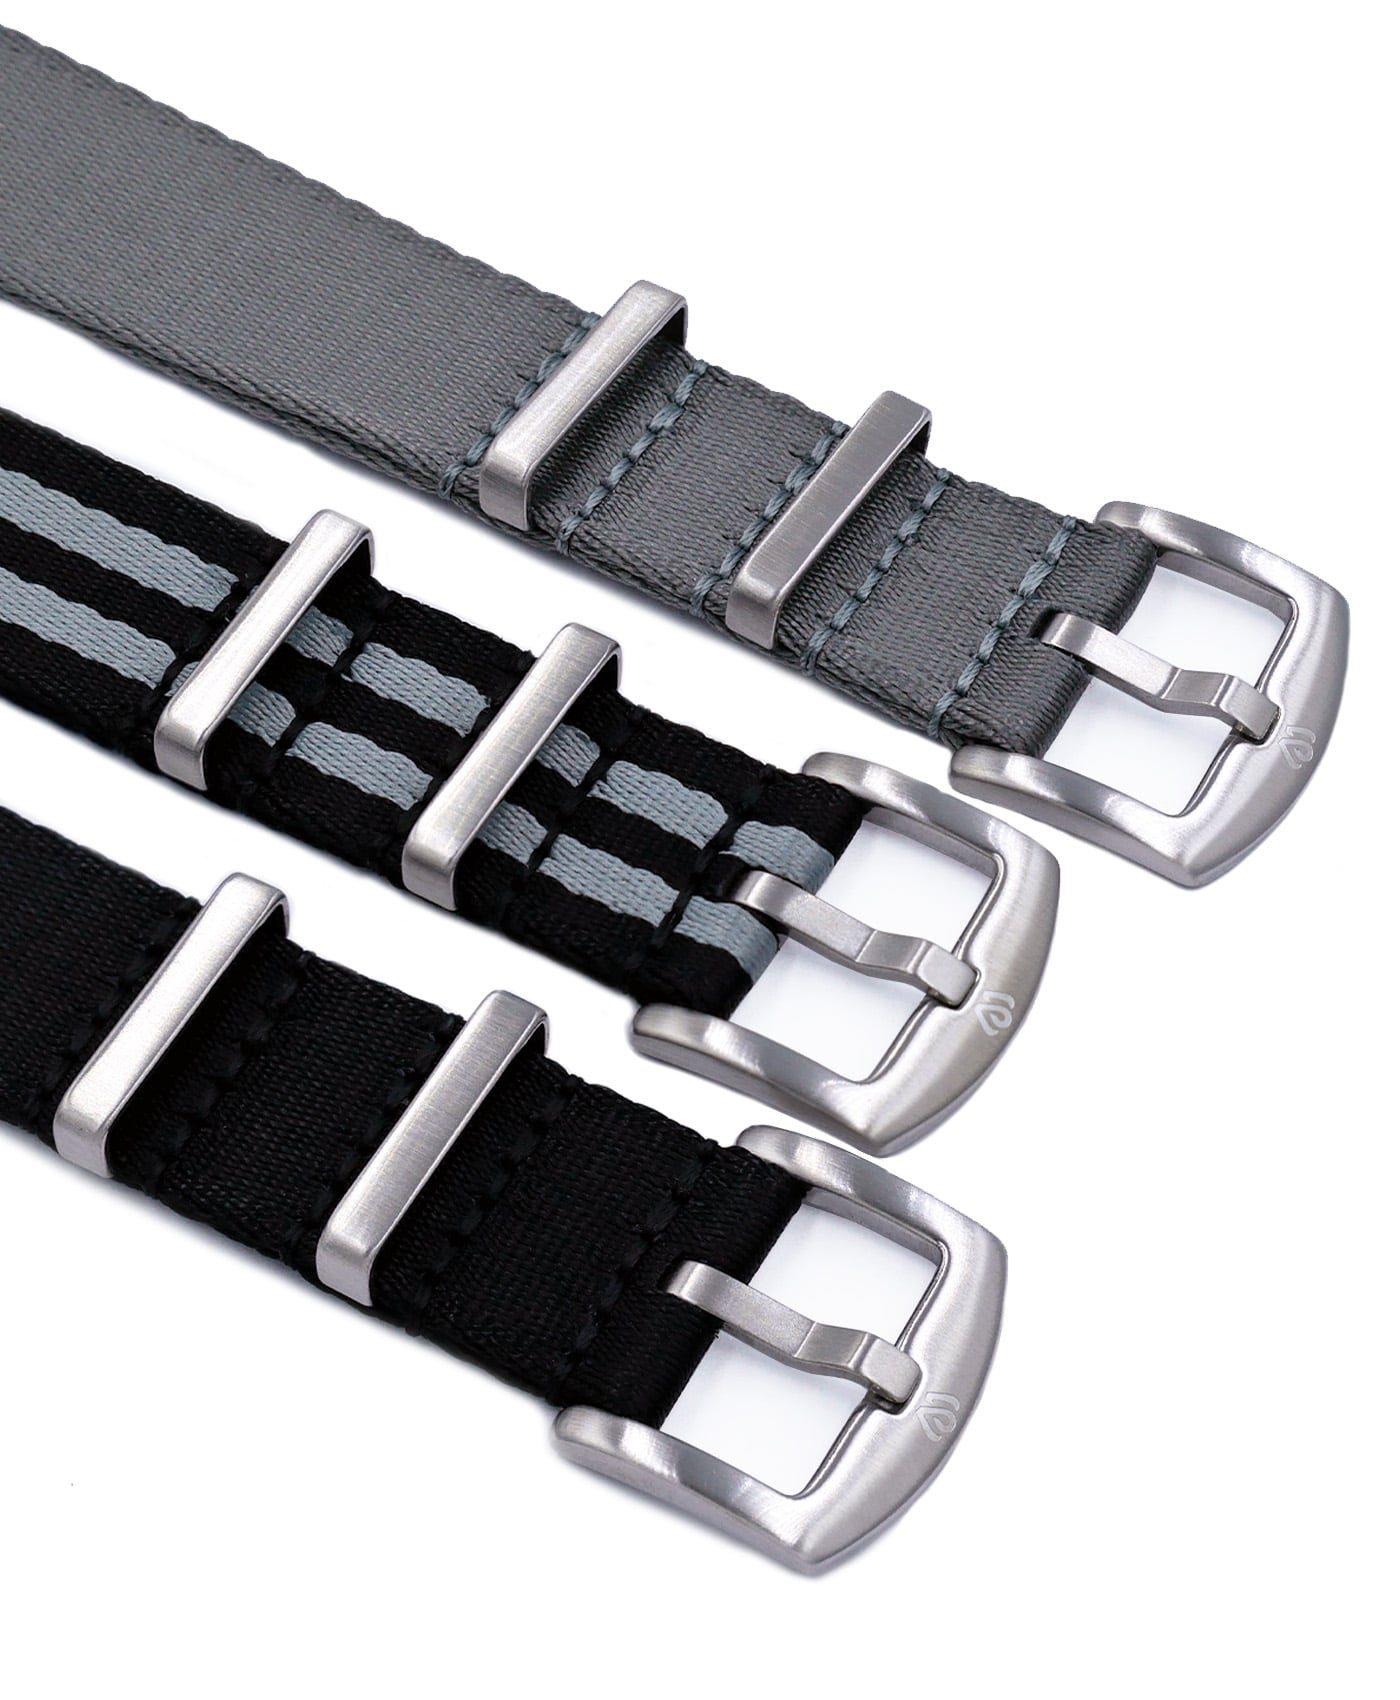 Watchbandit Wristporn NATO straps logo engraved buckle